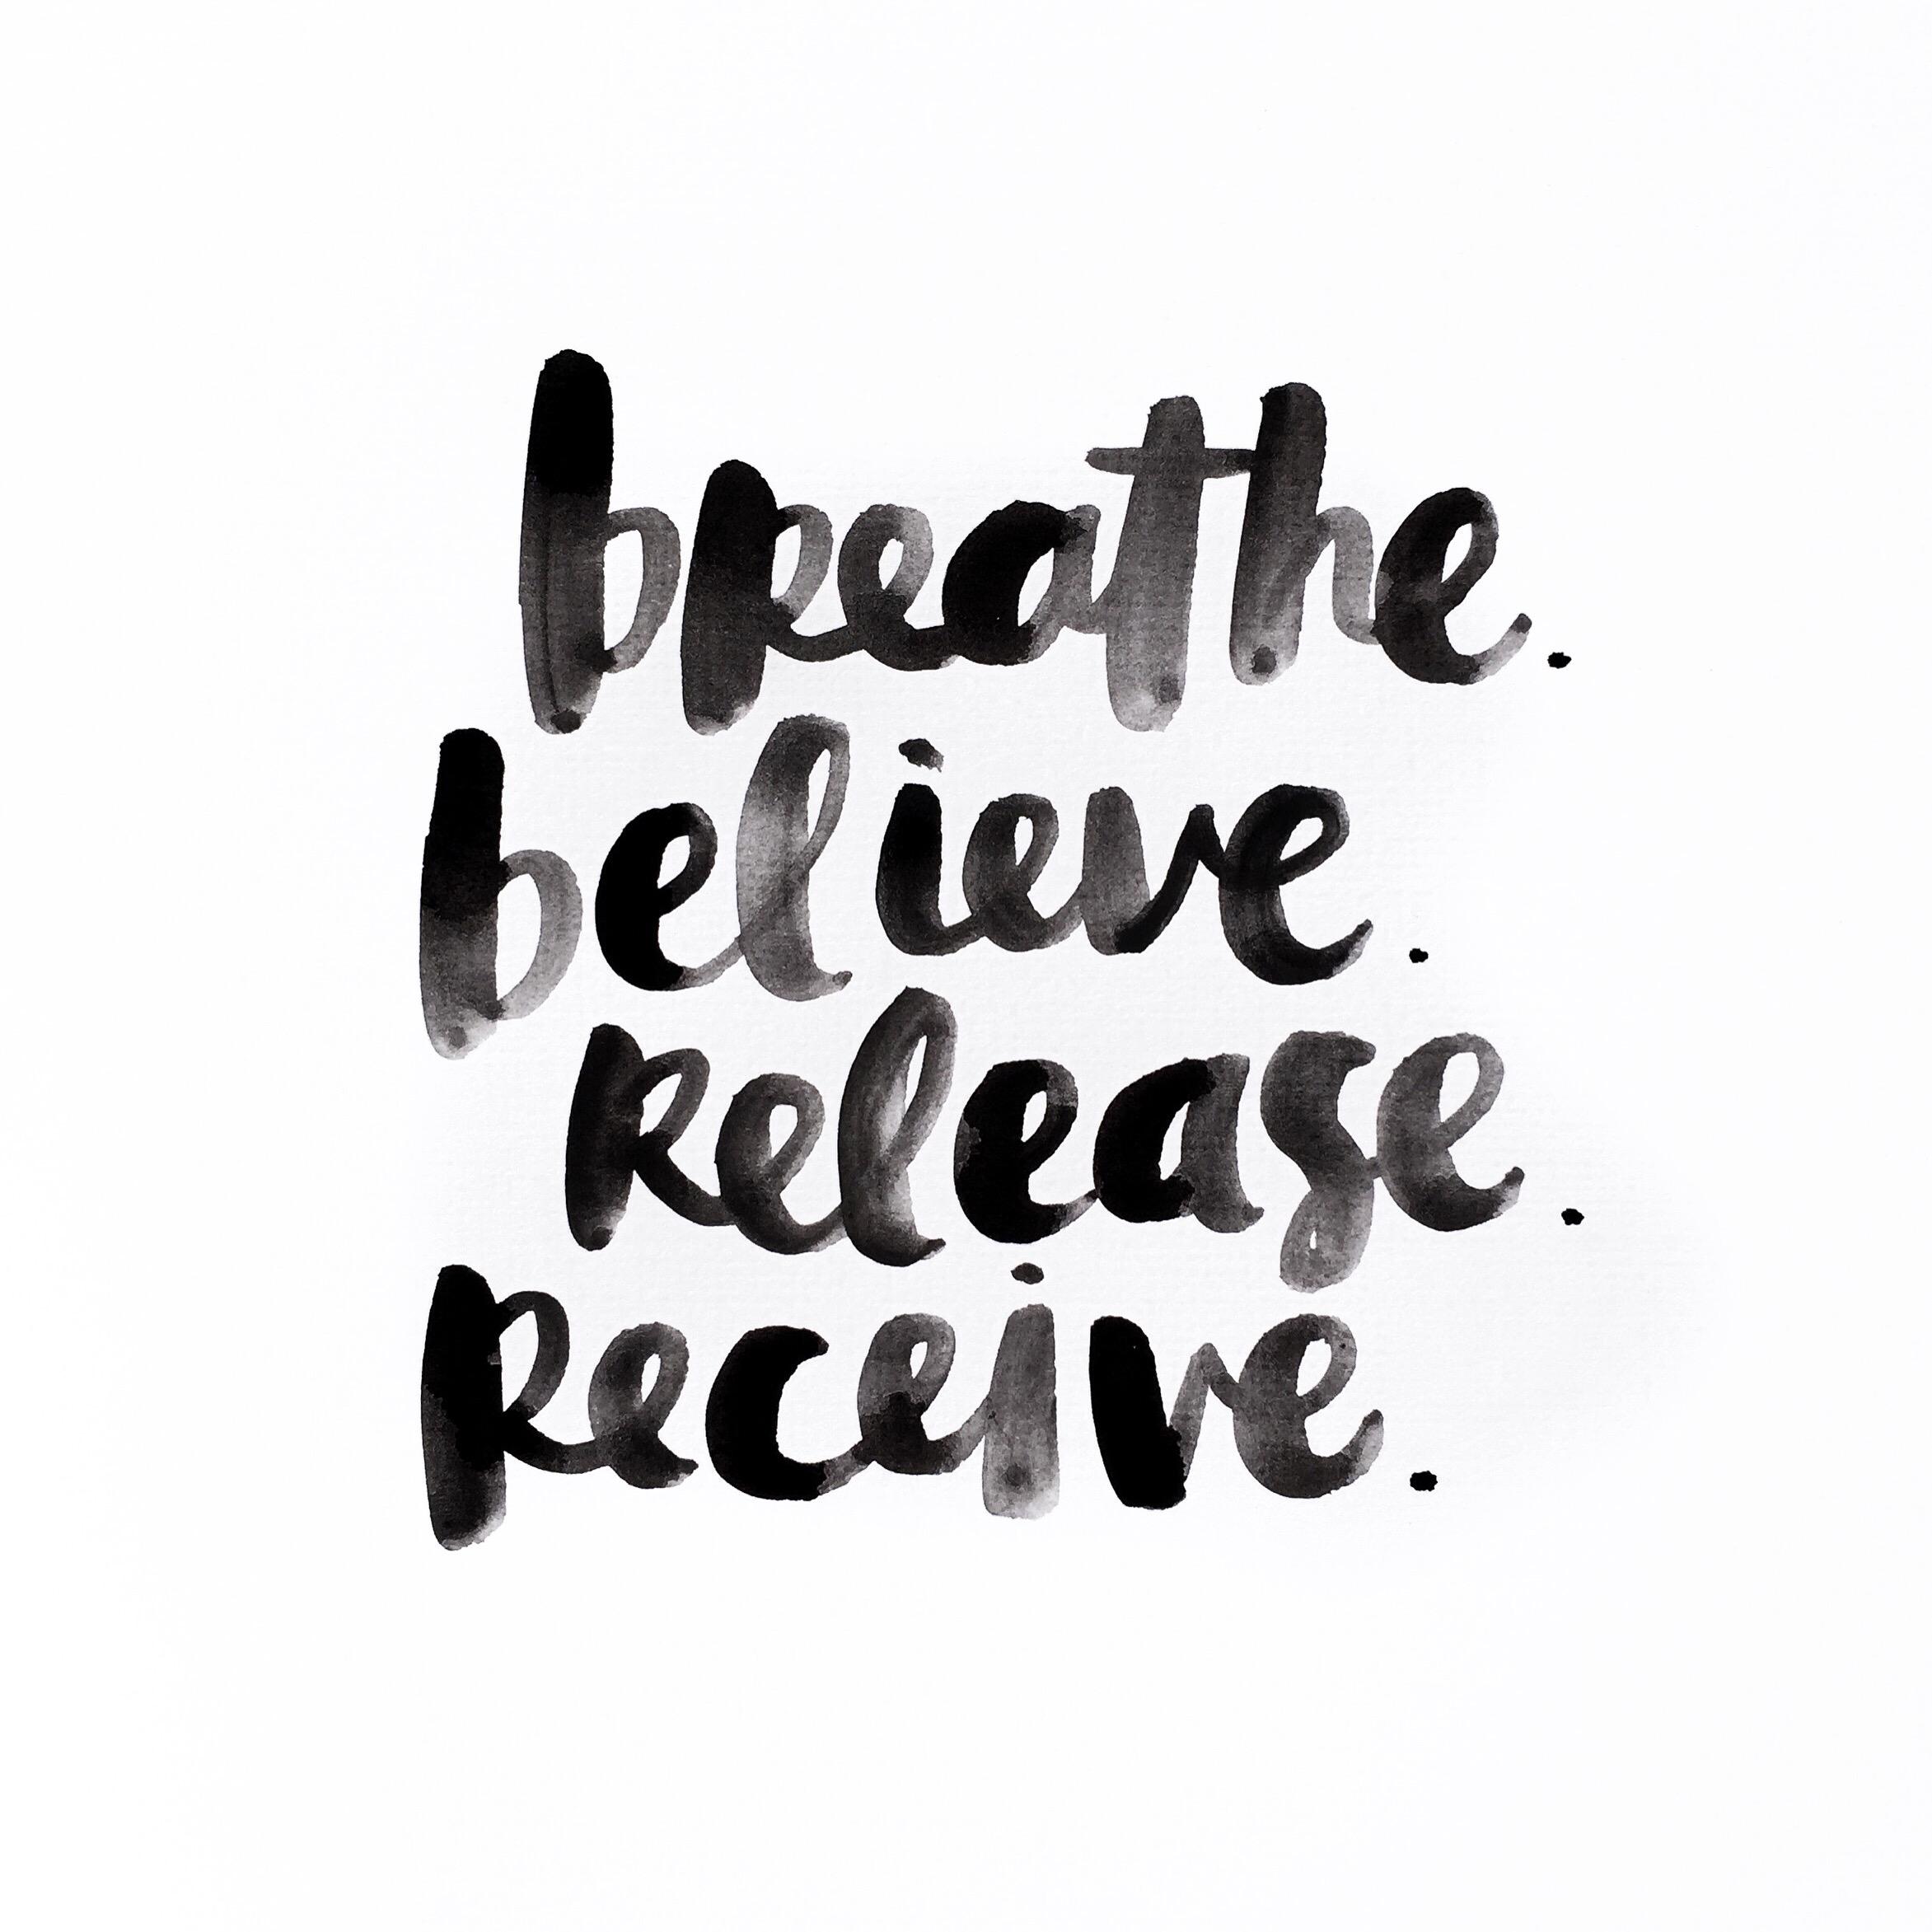 Breathe. Believe. Release. Receive. by Amy Tangerine